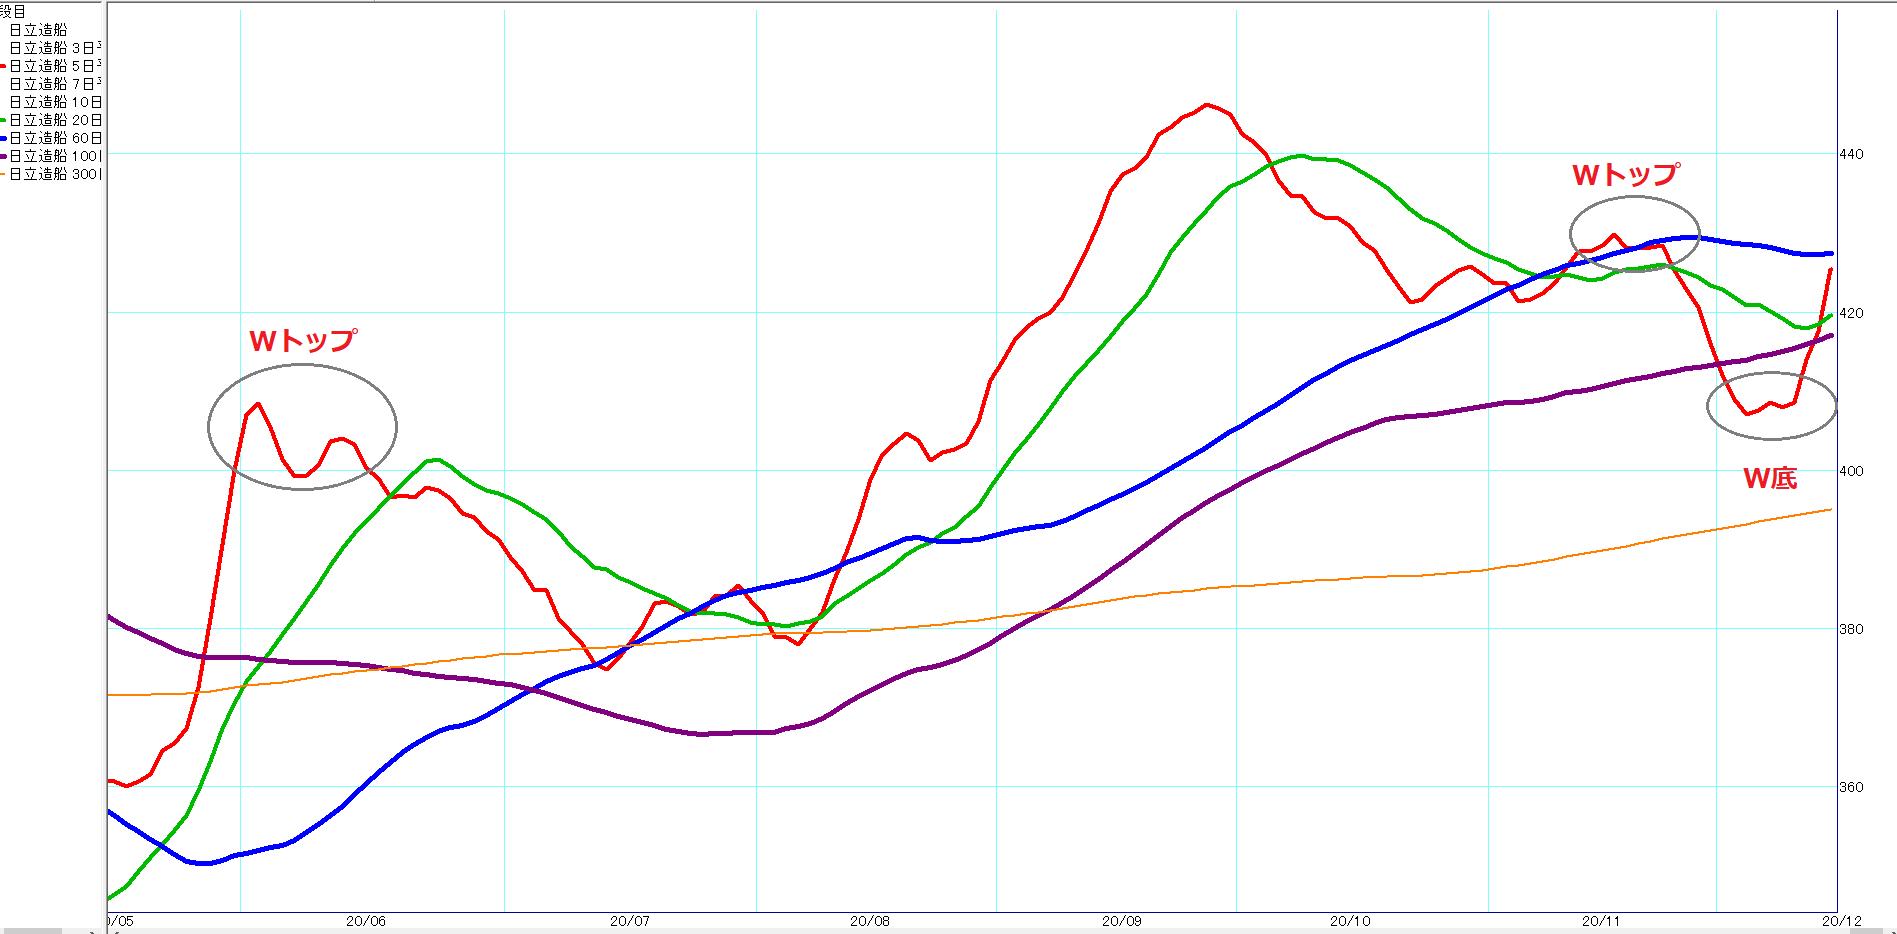 造船 株価 日立